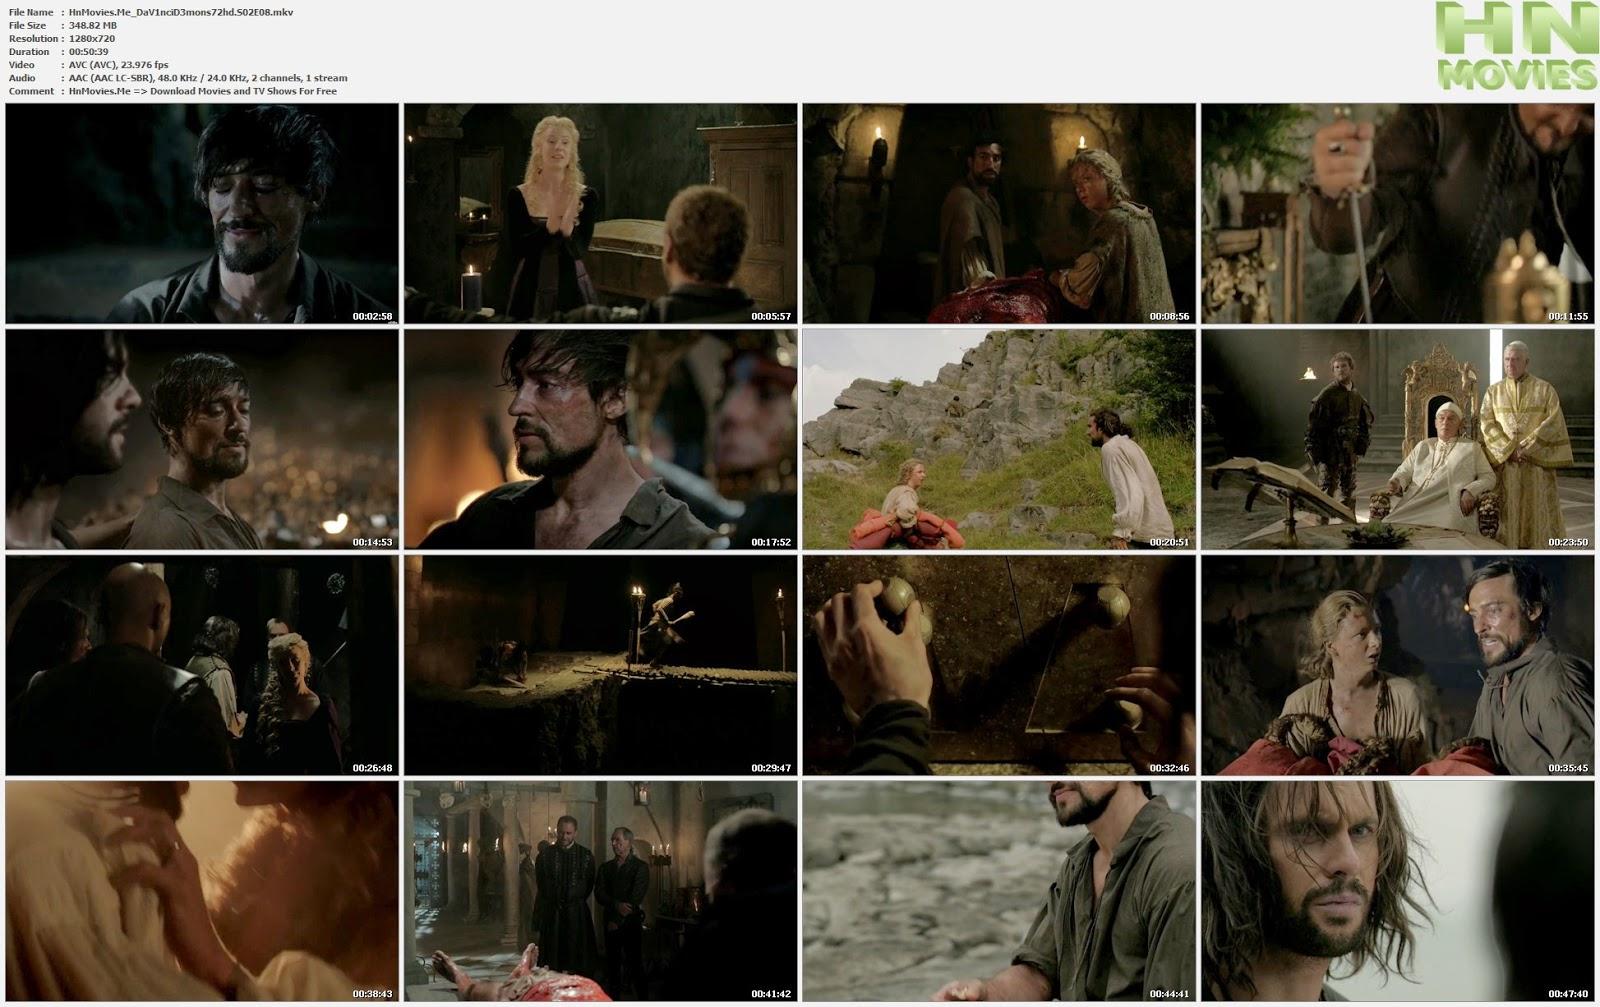 Da Vinci's Demons S02E08 720p HDTV 350MB